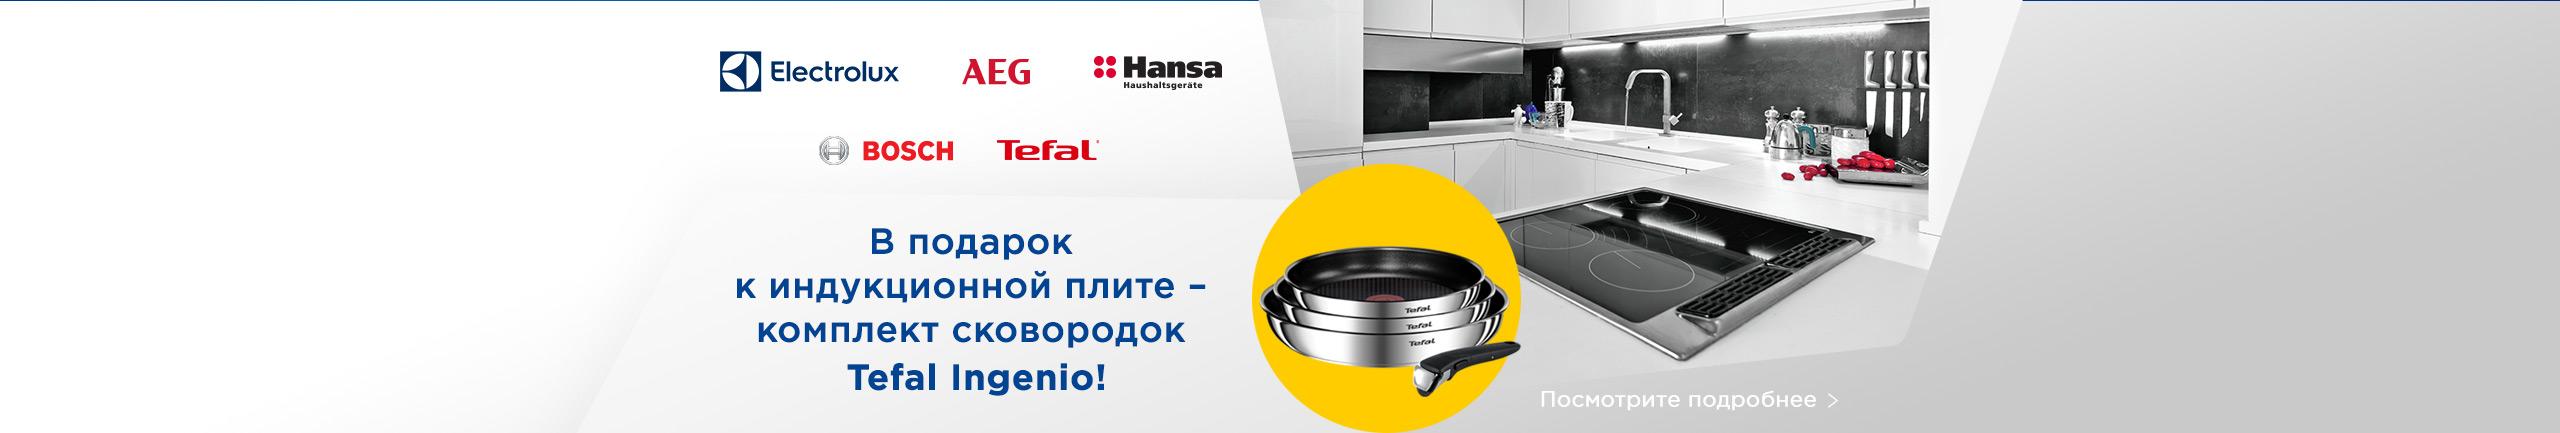 В подарок к индукционной плите – комплект сковородок Tefal Ingenio!